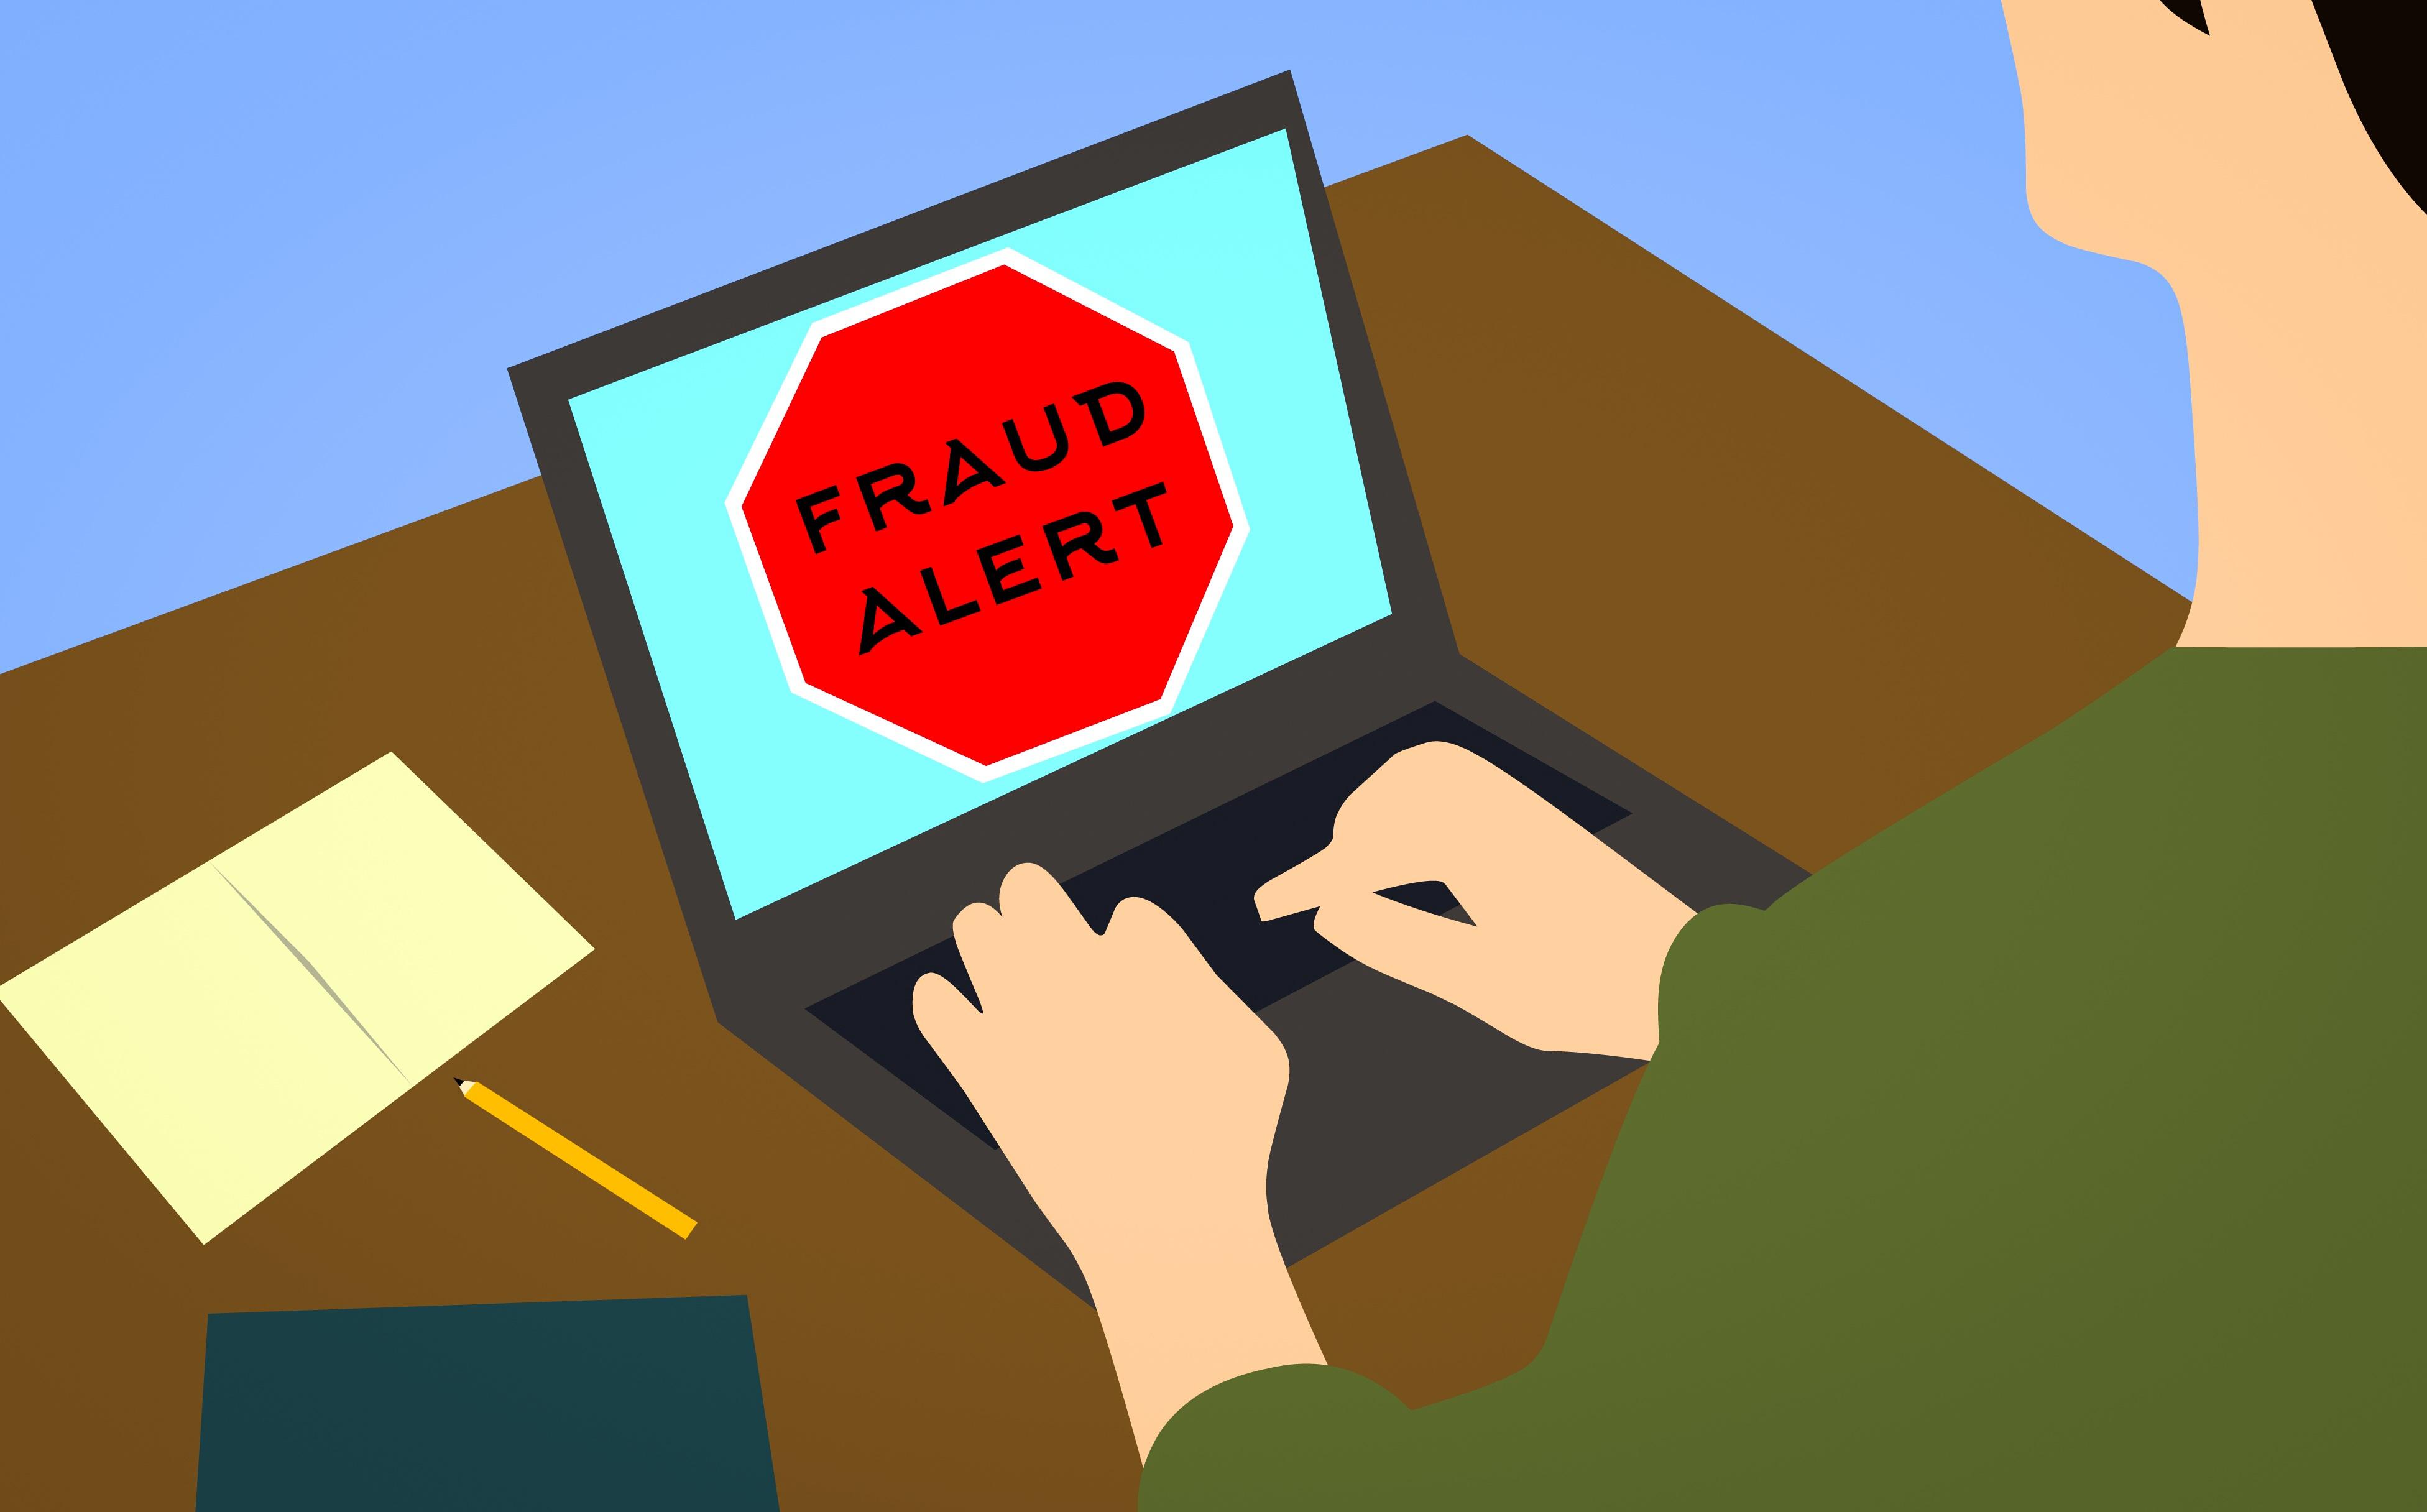 01332 HMRC Scam Telephone Calls  Beware